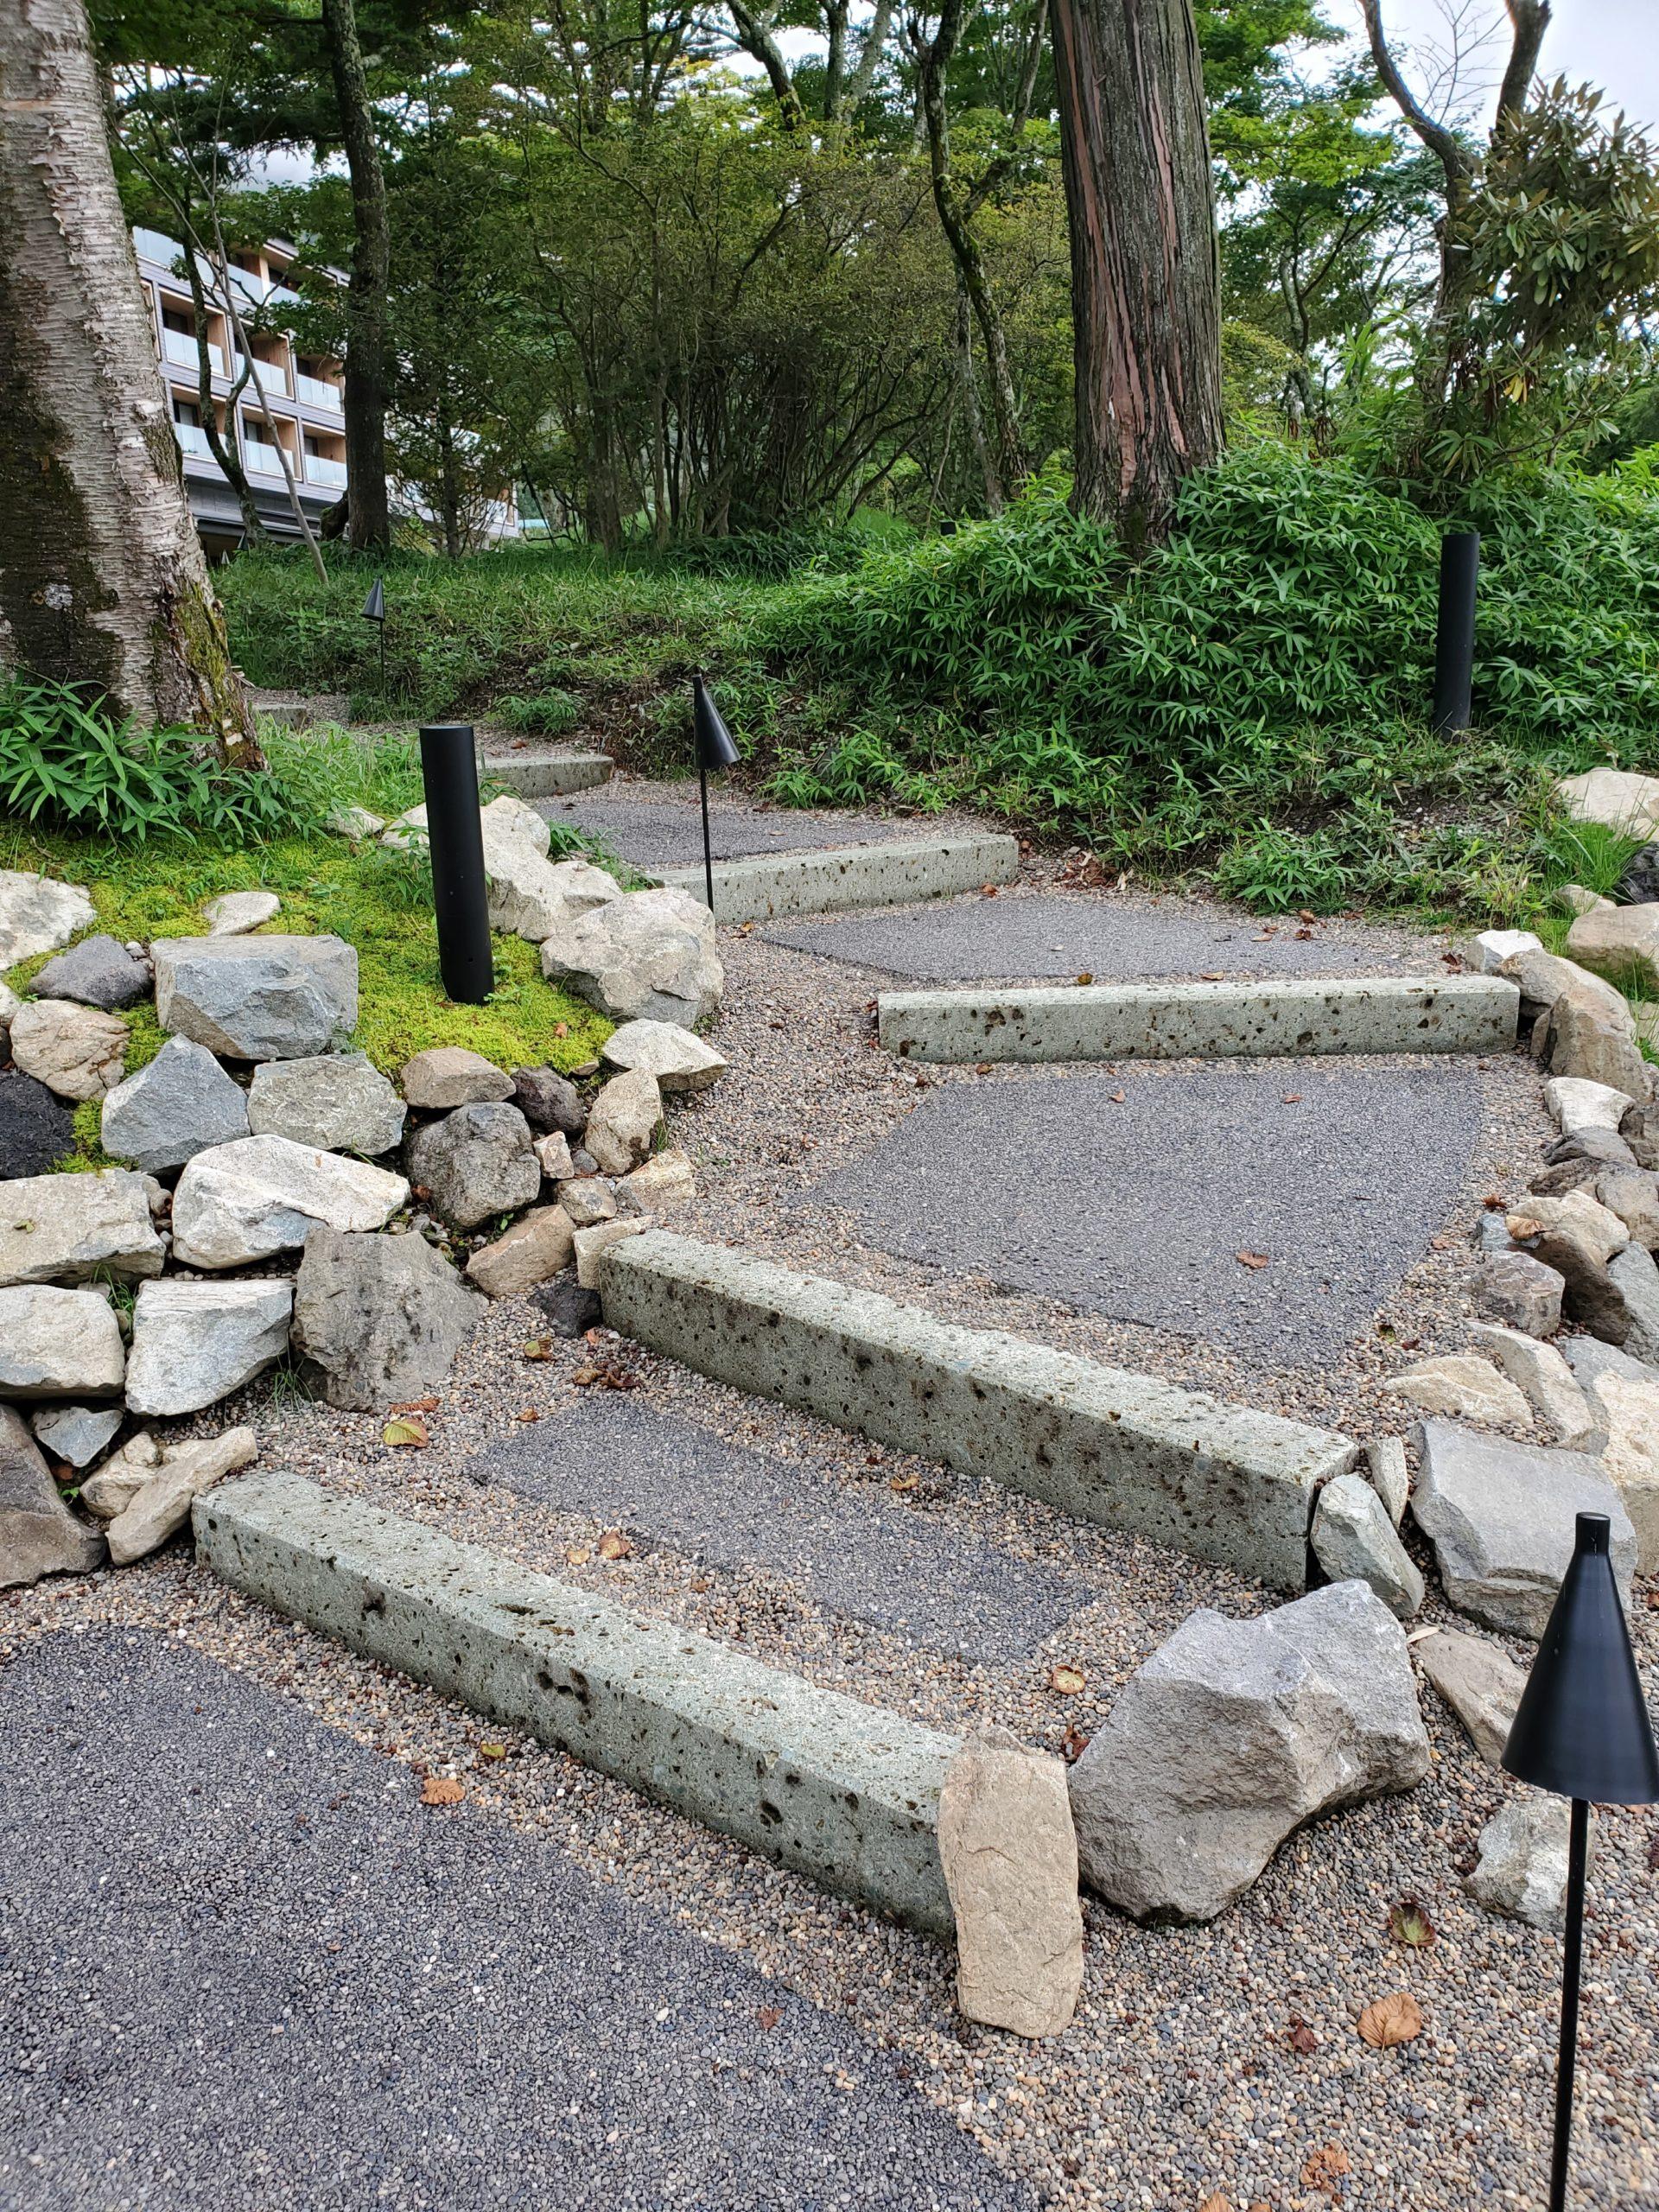 階段にもアクセントに大谷石を使っています。森林や他の石ともよく調和します。